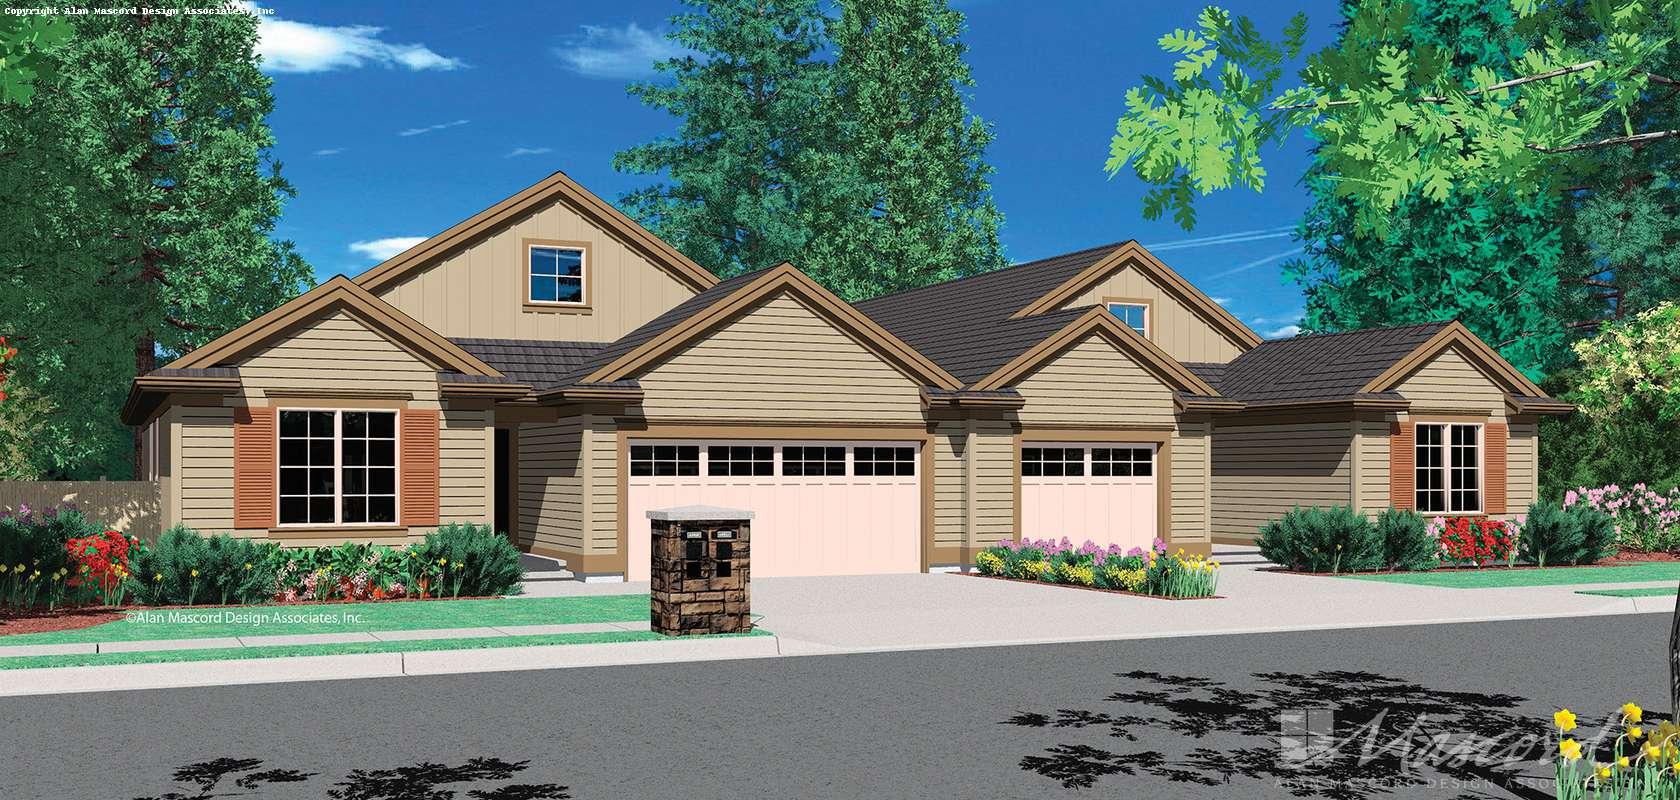 Mascord House Plan 4028: The Eagleton